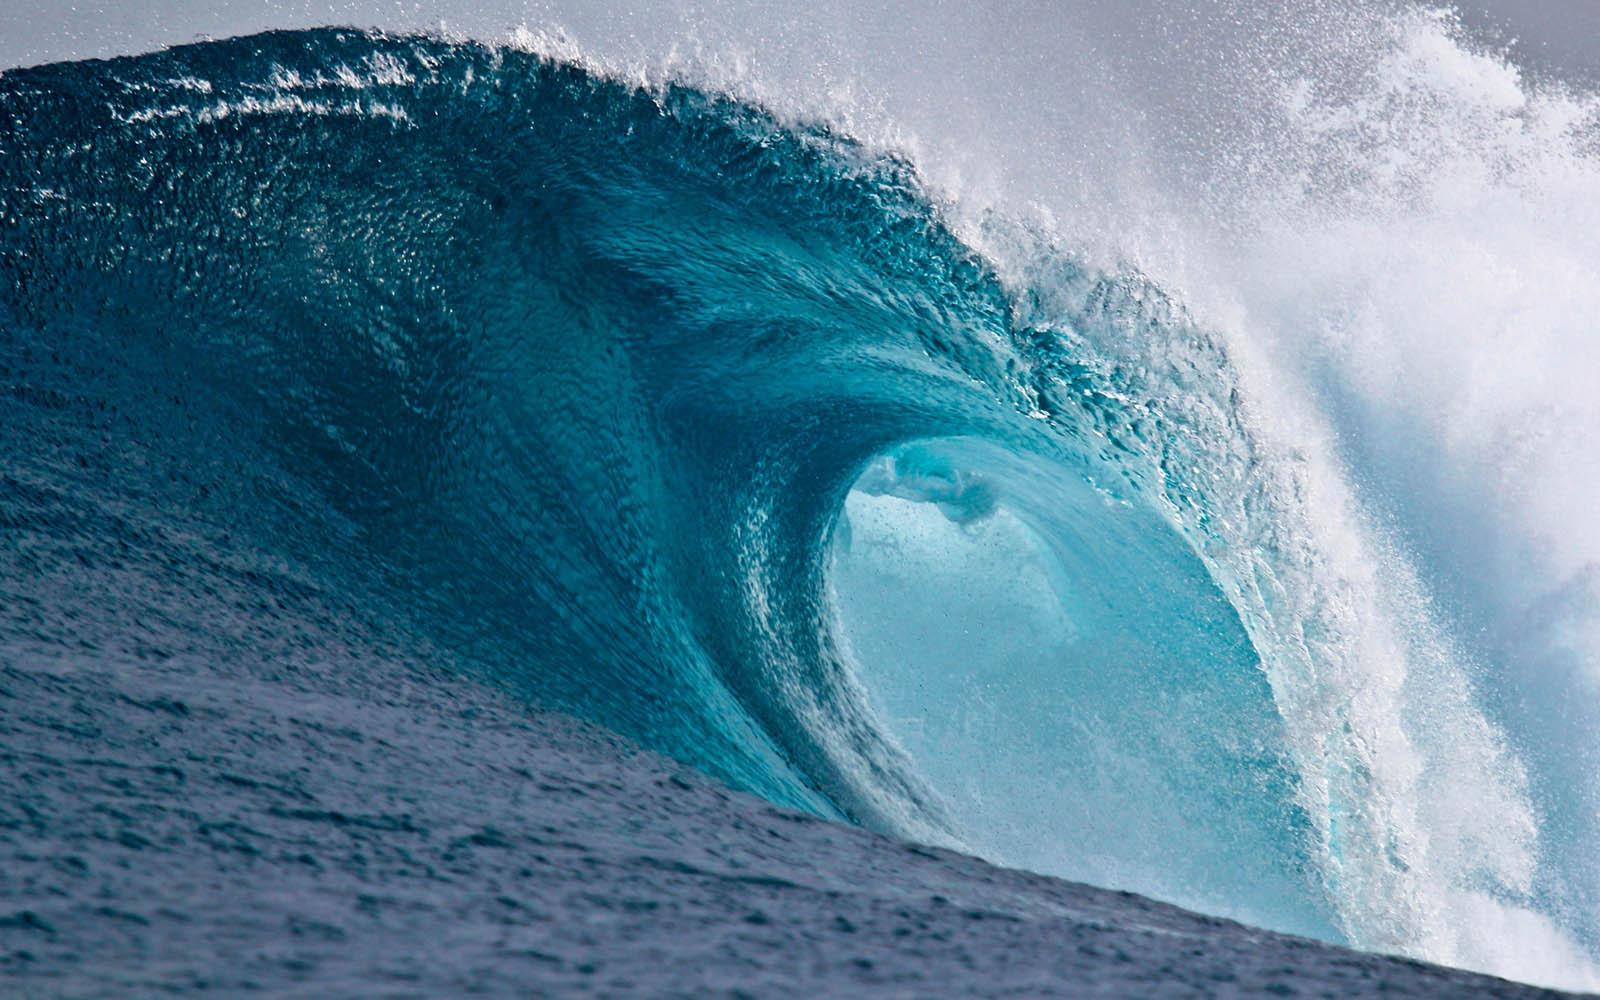 El mar azul.....la mar...sus olas Big+Wave+Wallpapers+05